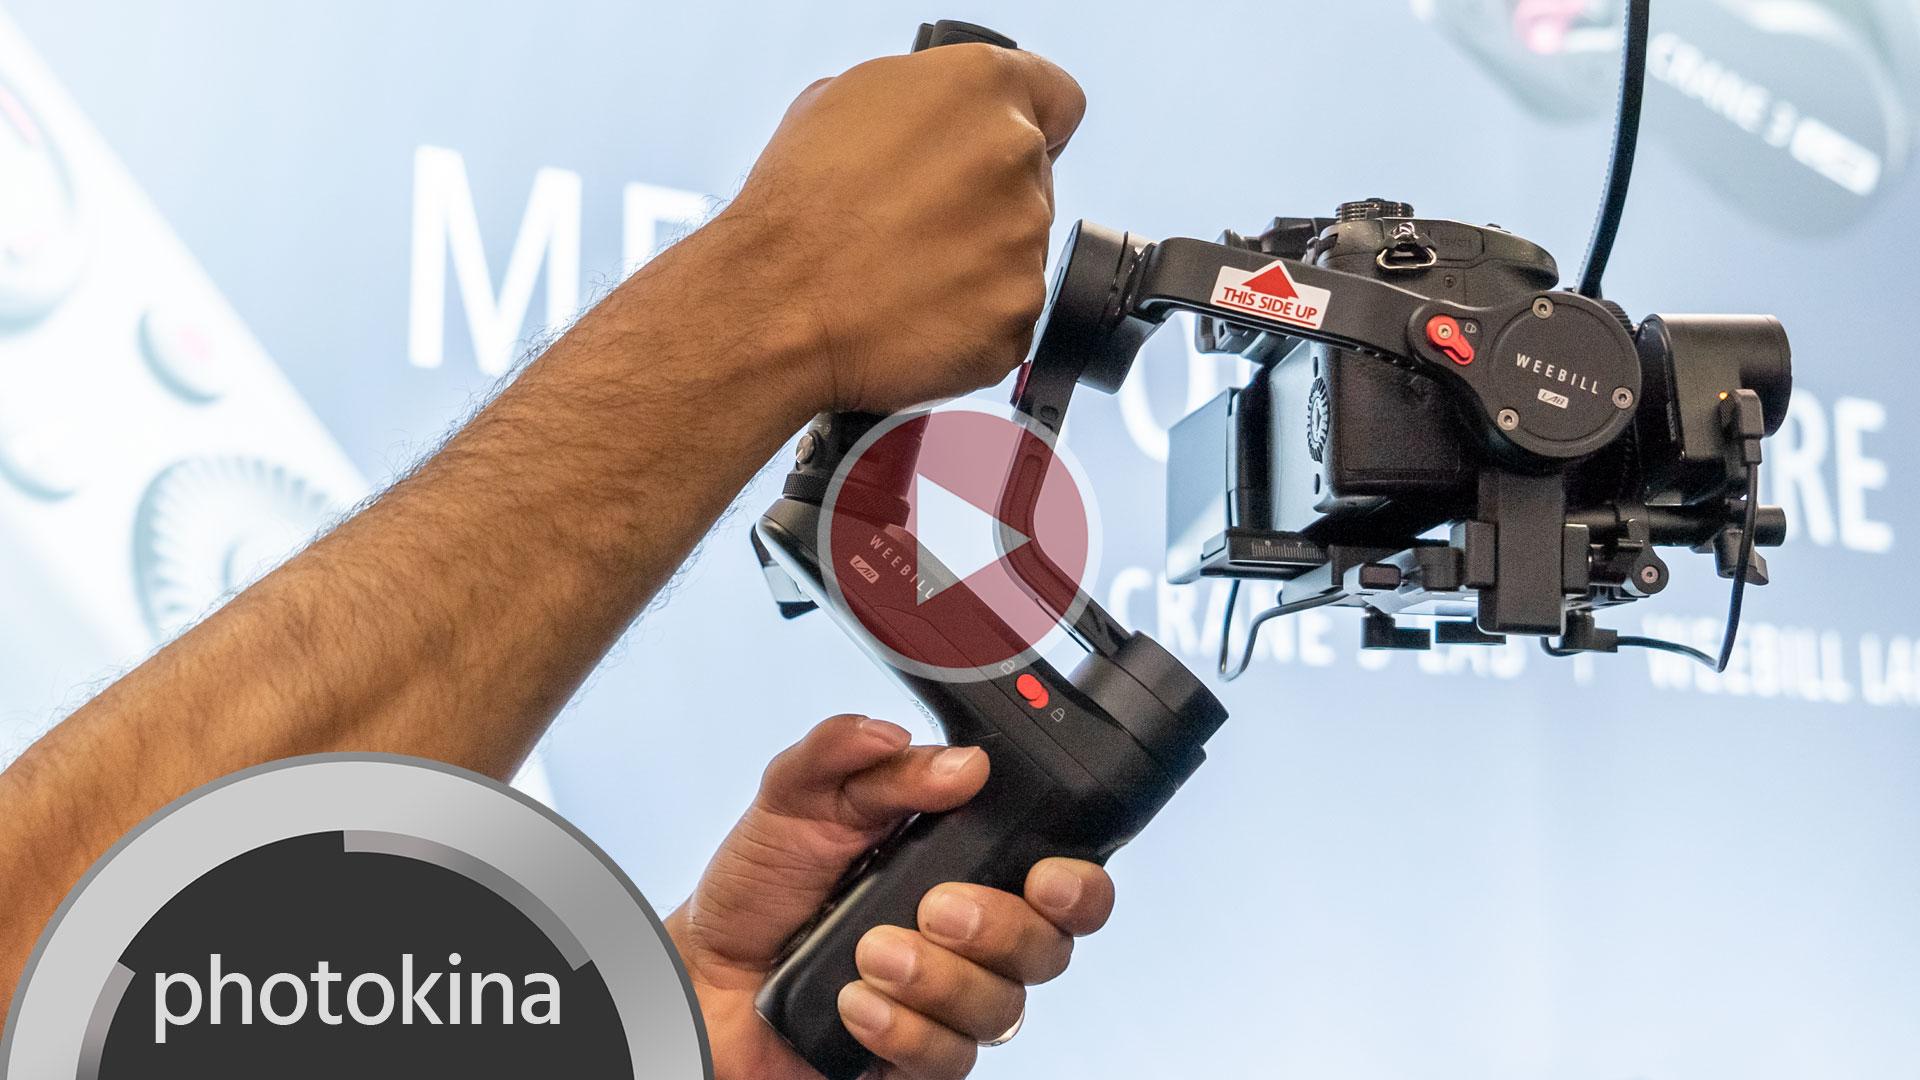 Zhiyun-TechがWEEBILL LABを発表 - ミラーレスカメラ用ジンバル